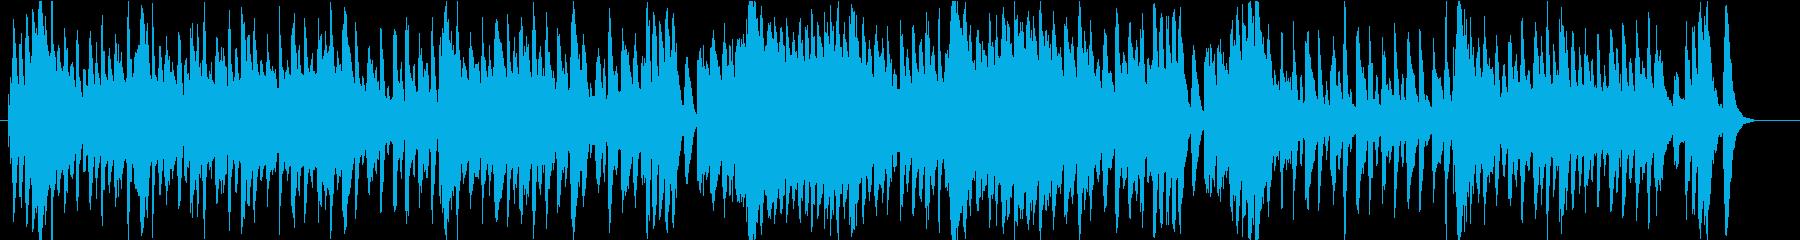 おどけた雰囲気のあるダークファンタジー曲の再生済みの波形